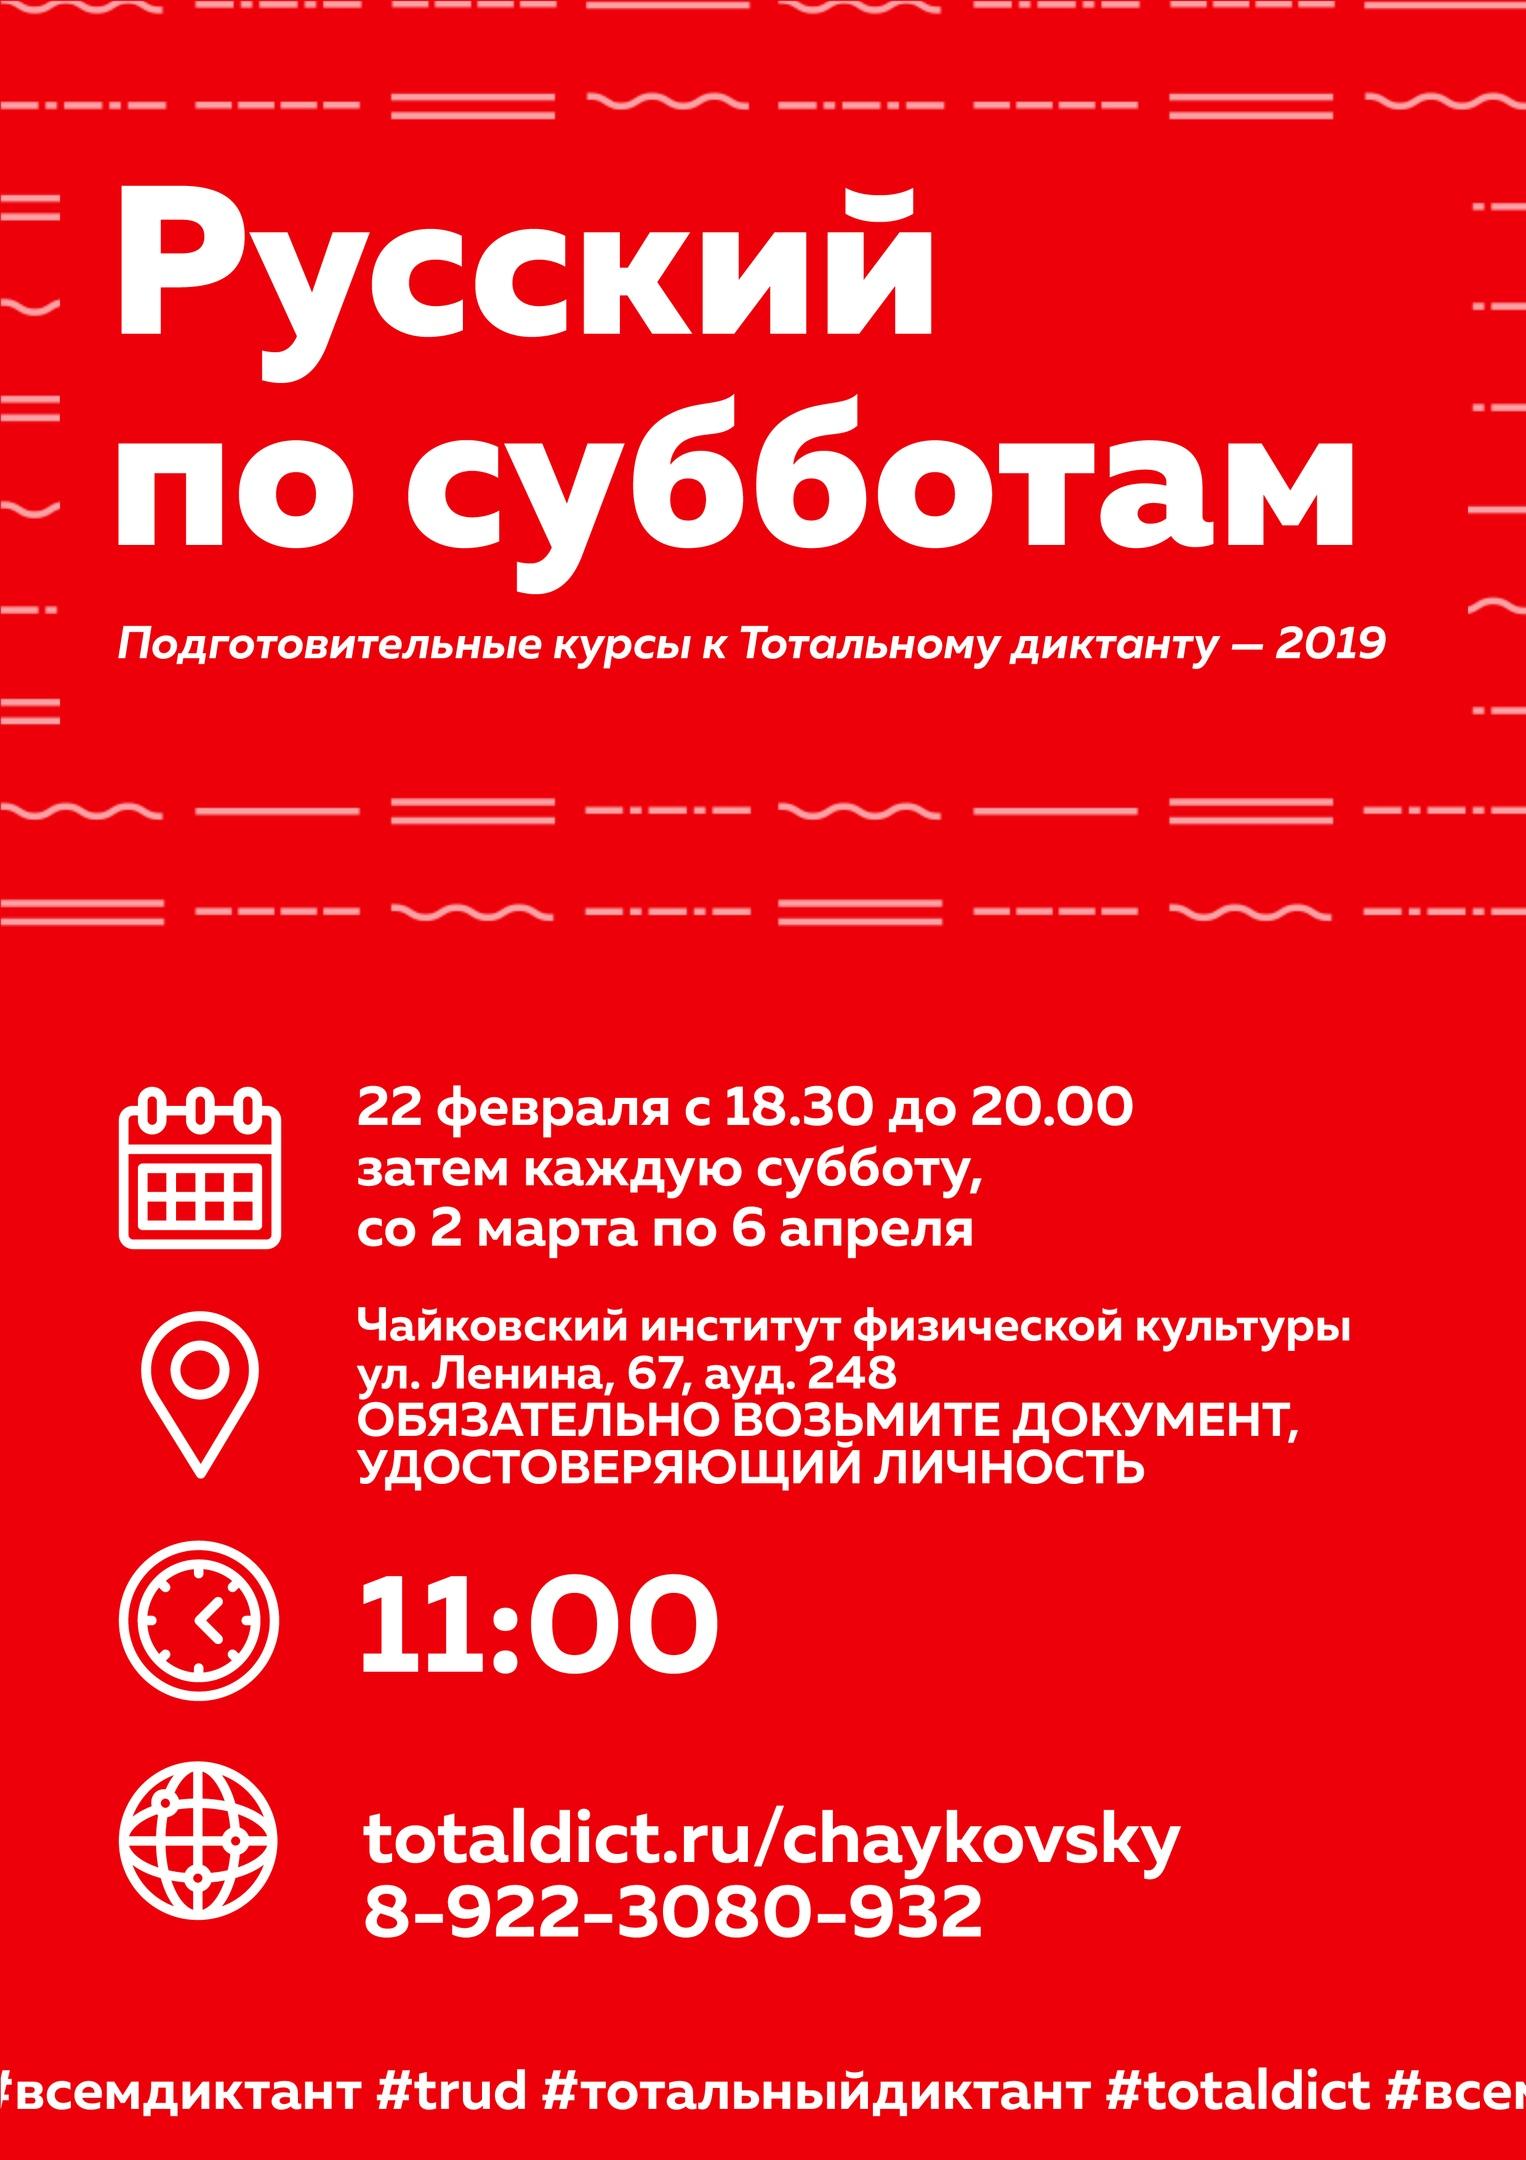 афиша, русский по субботам, чайковский район, 2019 год